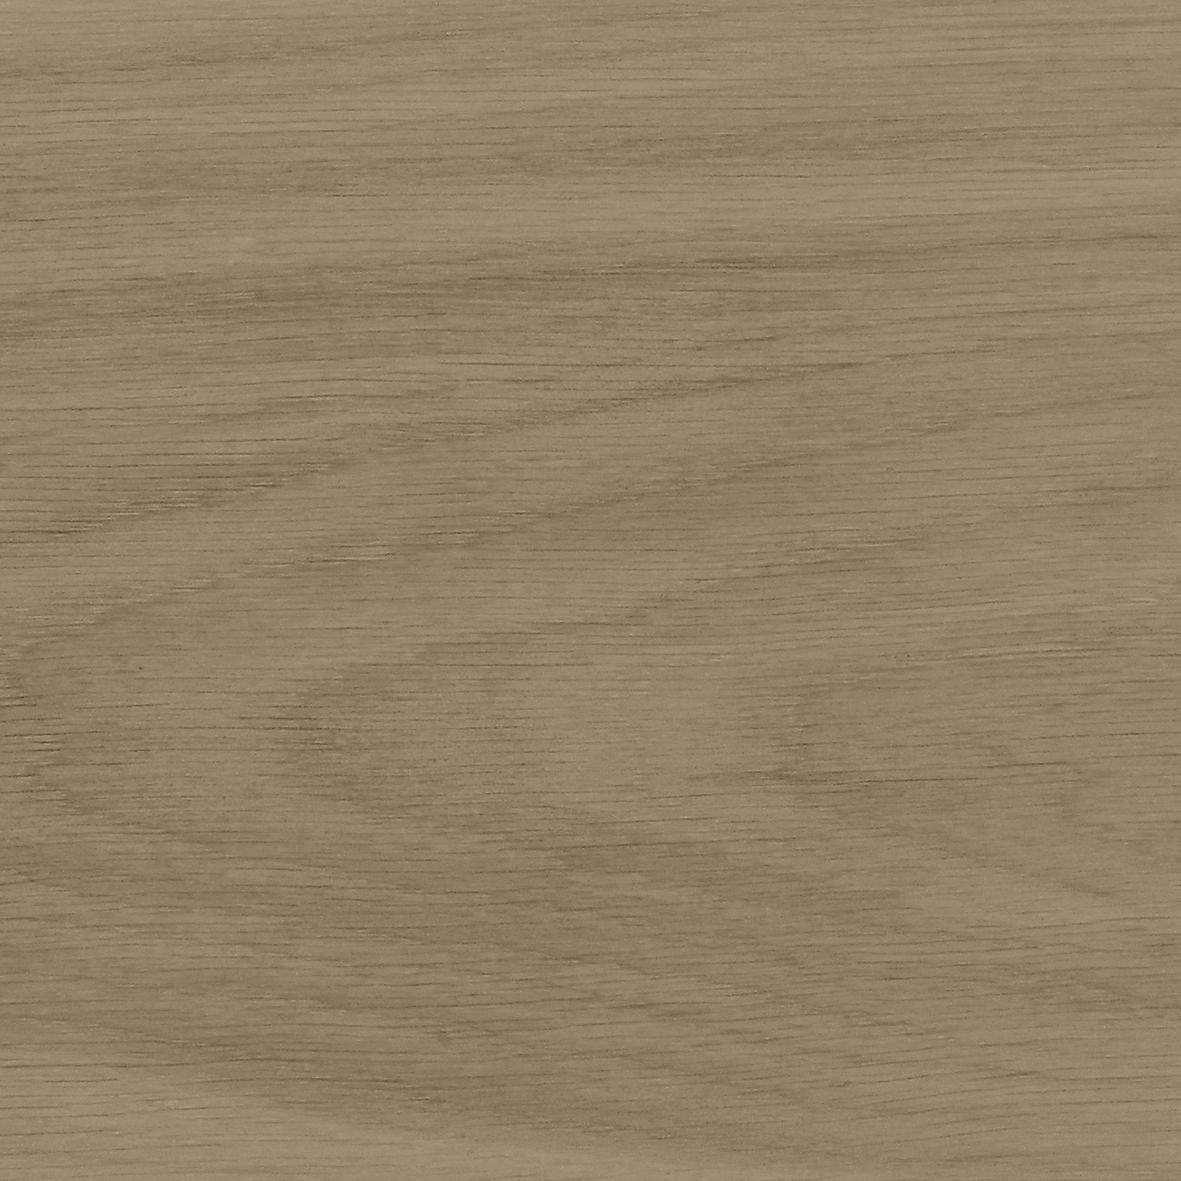 Welkom op de website van Simons vloer & wand, waar vakmanschap, kwaliteit, service en klantvriendelijkheid hoog in het vaandel staan.  Wanneer u kiest voor Simons vloer & wand, kiest u voor ervaren en deskundige vakmensen (   meester parketteur aan het Gilde van gediplomeerde parketteurs & Nederlands Kampioen 2012   ) , die iedere opdracht naar de hoogste maatstaven afronden. Het vakmanschap en de ambachtelijke technieken zijn van vader op zoon over gegaan en vormen, samen met onze moderne apparatuur een garantie voor kwaliteit.  Dat is niet alleen onze belofte aan u, maar ook een garantie die het CBW ( Centrale Branchevereniging Wonen ) aan u geeft.    Naast dat we gespecialiseerd zijn in het leggen van nieuwe vloeren zoals   traditioneel parket/tapis   (visgraat, Hongaarse punt, blokpatroon),   Bourgogne, hoogkant, kops hout, lamel, systeemplank, PVC, laminaat   en   tegels   houden we ons ook dagelijks bezig met het   aanhelen, restaureren en renoveren van vloeren & trappen  . Ook voor   maatwerk   draaien wij onze hand niet om, we maken met regelmaat tafels & keukenbladen op maat om zo een geheel te creëren met uw vloer en inrichting. We werken nauw samen met een   interieurarchitect   die alles naar uw wens kan uittekenen (bijvoorbeeld in 3D), tevens kan zij u ook adviseren bij andere vraagstukken zoals ruimtelijke indelingen, kleuradvies en herinrichting van uw woning of kantoor.  Tevens kunnen wij het   onderhoud   van uw vloer verzorgen en schade aan de vloer voor u te   taxeren   en   herstellen  .   Naast het leggen van tapis, massieve- of gelamineerde vloeren in alle gangbare houtsoorten en uiteenlopende patronen, zoals een herbergvloer, visgraat-, blokpaneel-, of bijvoorbeeld Versaillesparket. Zijn wij ook gespecialiseerd in het  aanhelen, restaureren  en  renoveren  van bestaande parketvloeren en trappen. Beschadigde of ontbrekende delen en tevoorschijn komende spijkertjes zijn goed te herstellen. Na het schuren en een afwerking naar keuze kunnen wij zo